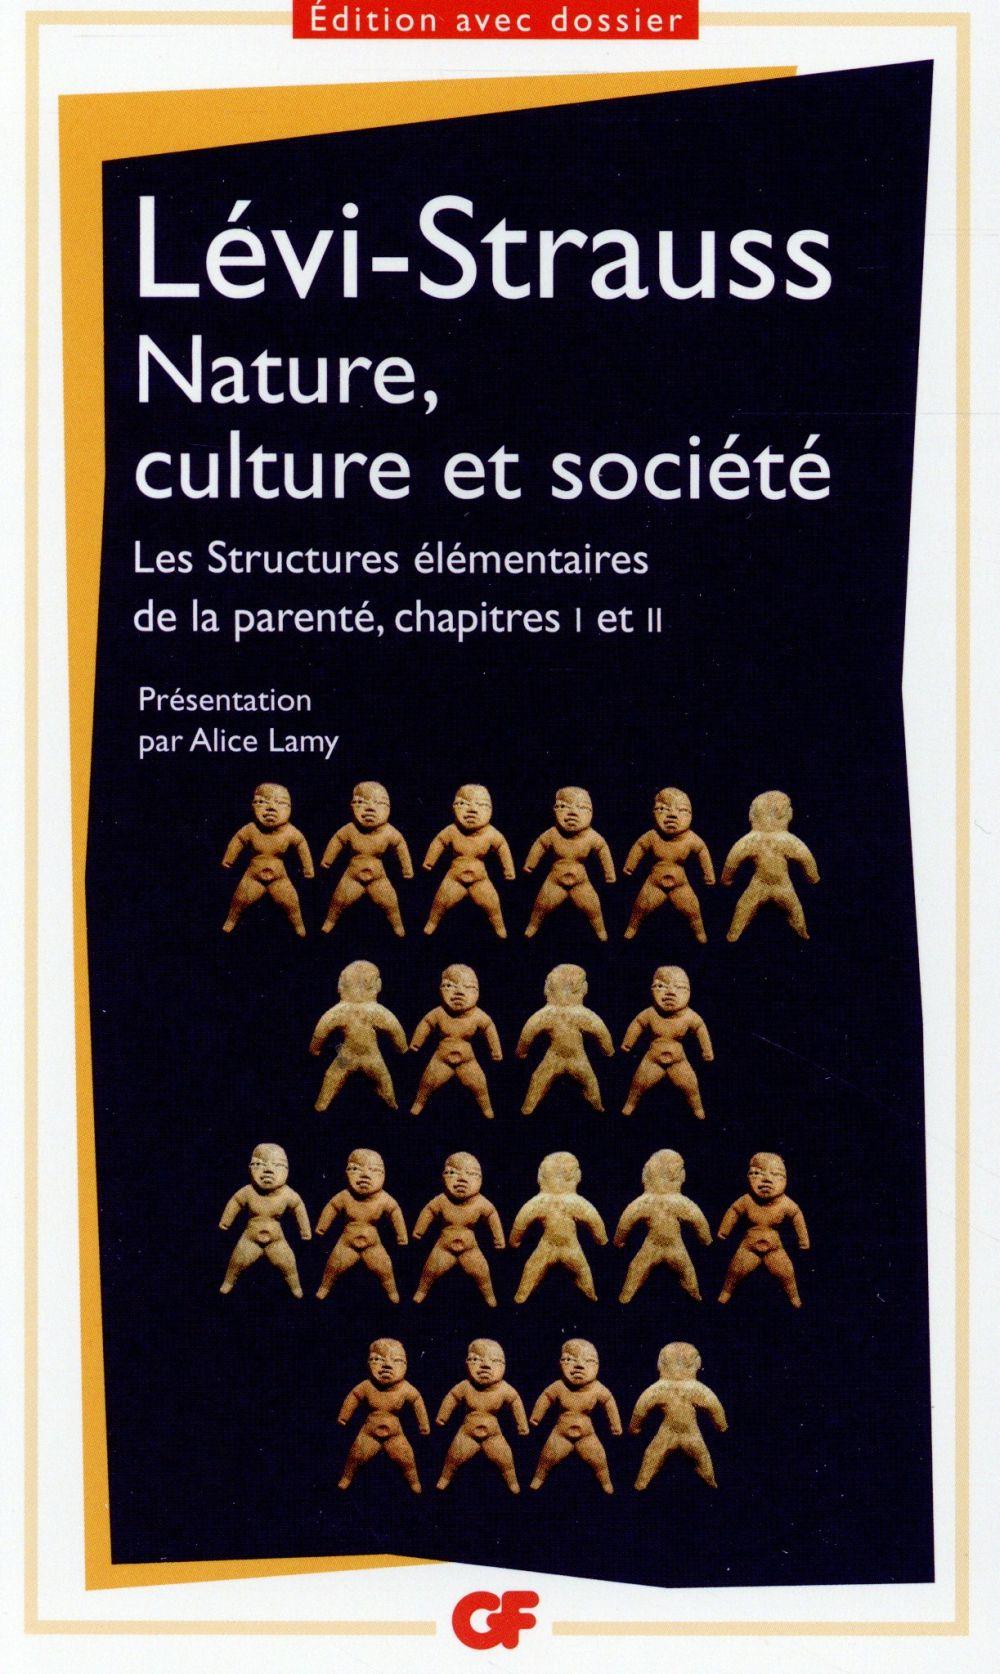 Nature, culture et société ; les structures élémentaires de la parenté, chapitres I et II